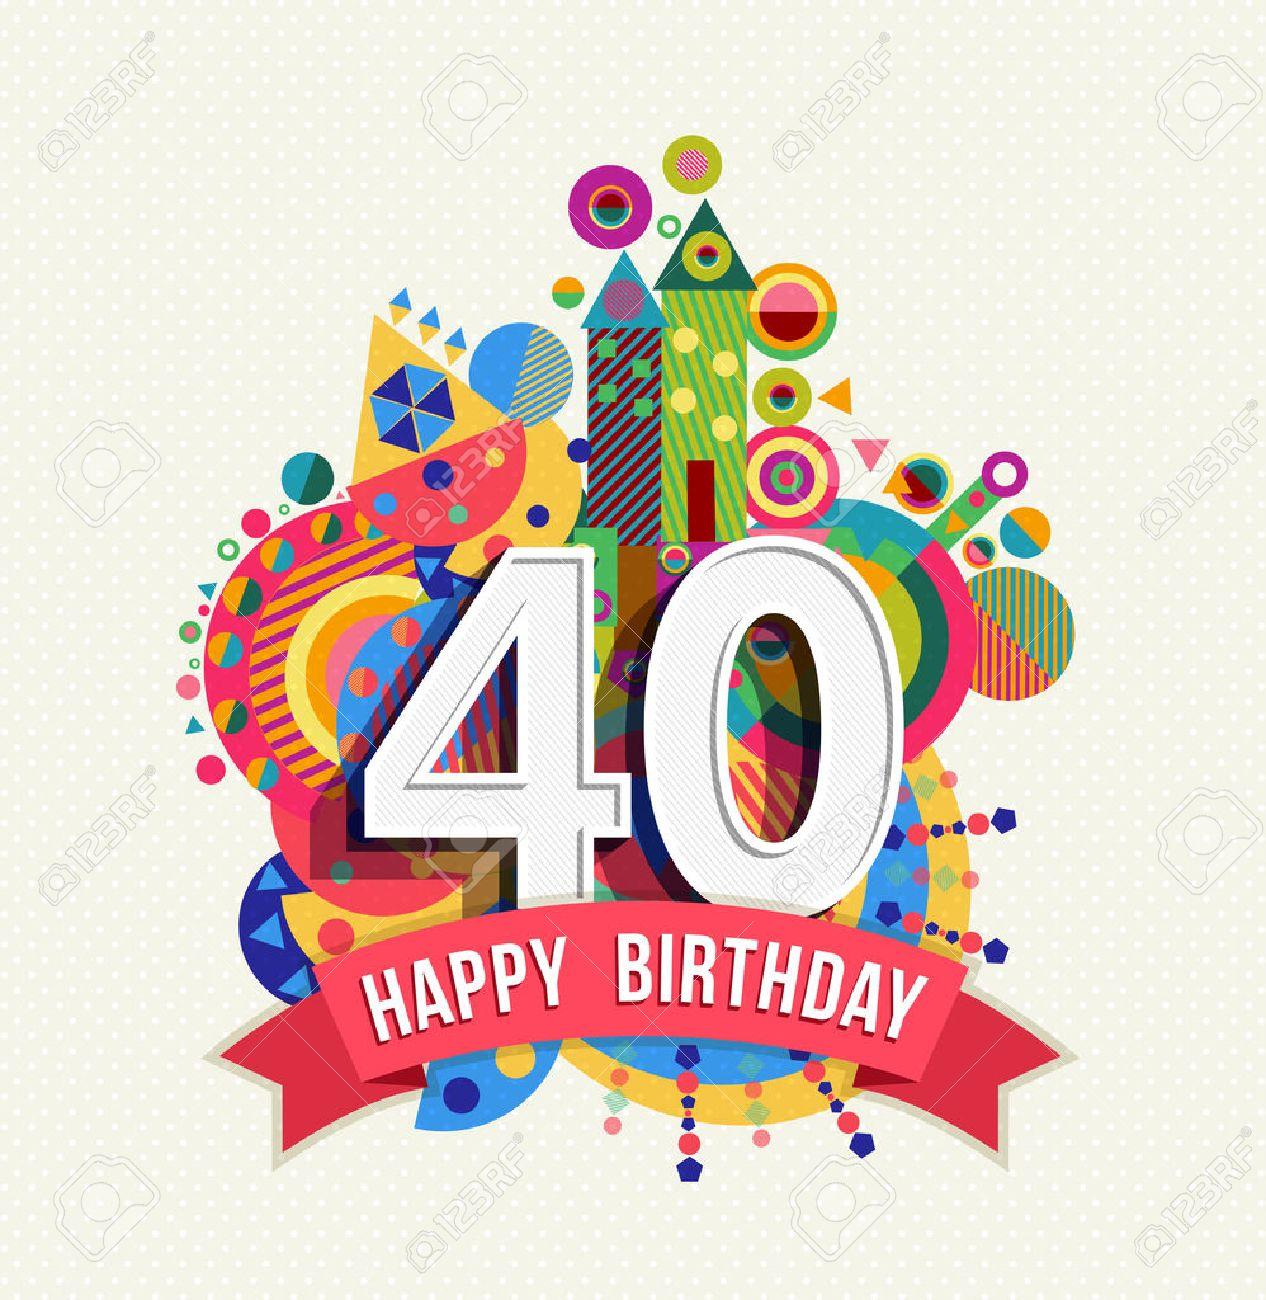 Alles Gute Zum Geburtstag Vierzig 40 Jahre Spass Feier Grusskarte Mit